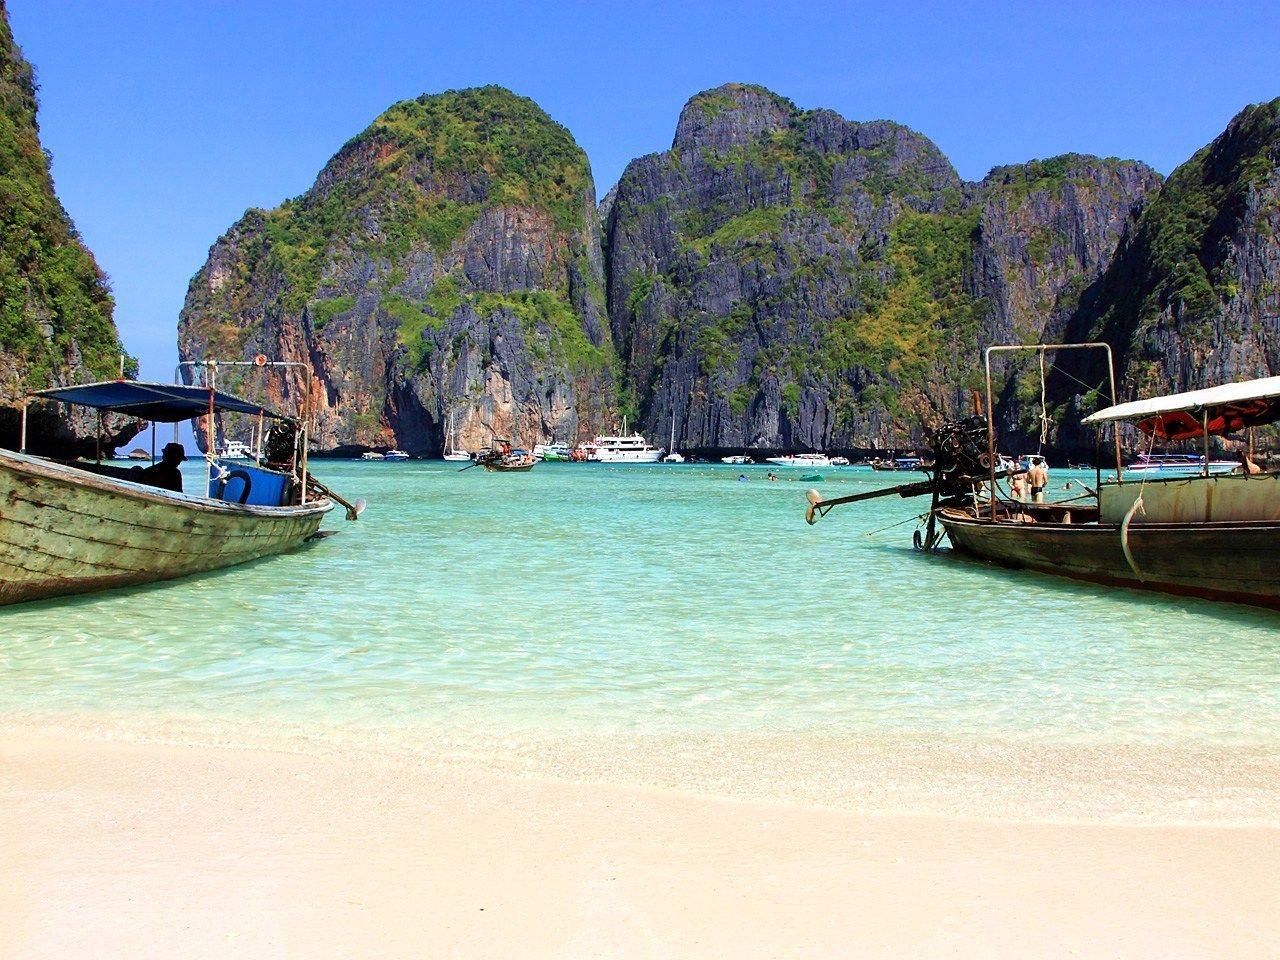 ディカプリオも魅了された『美しすぎるビーチ』【ピピレイ島・マヤ湾】